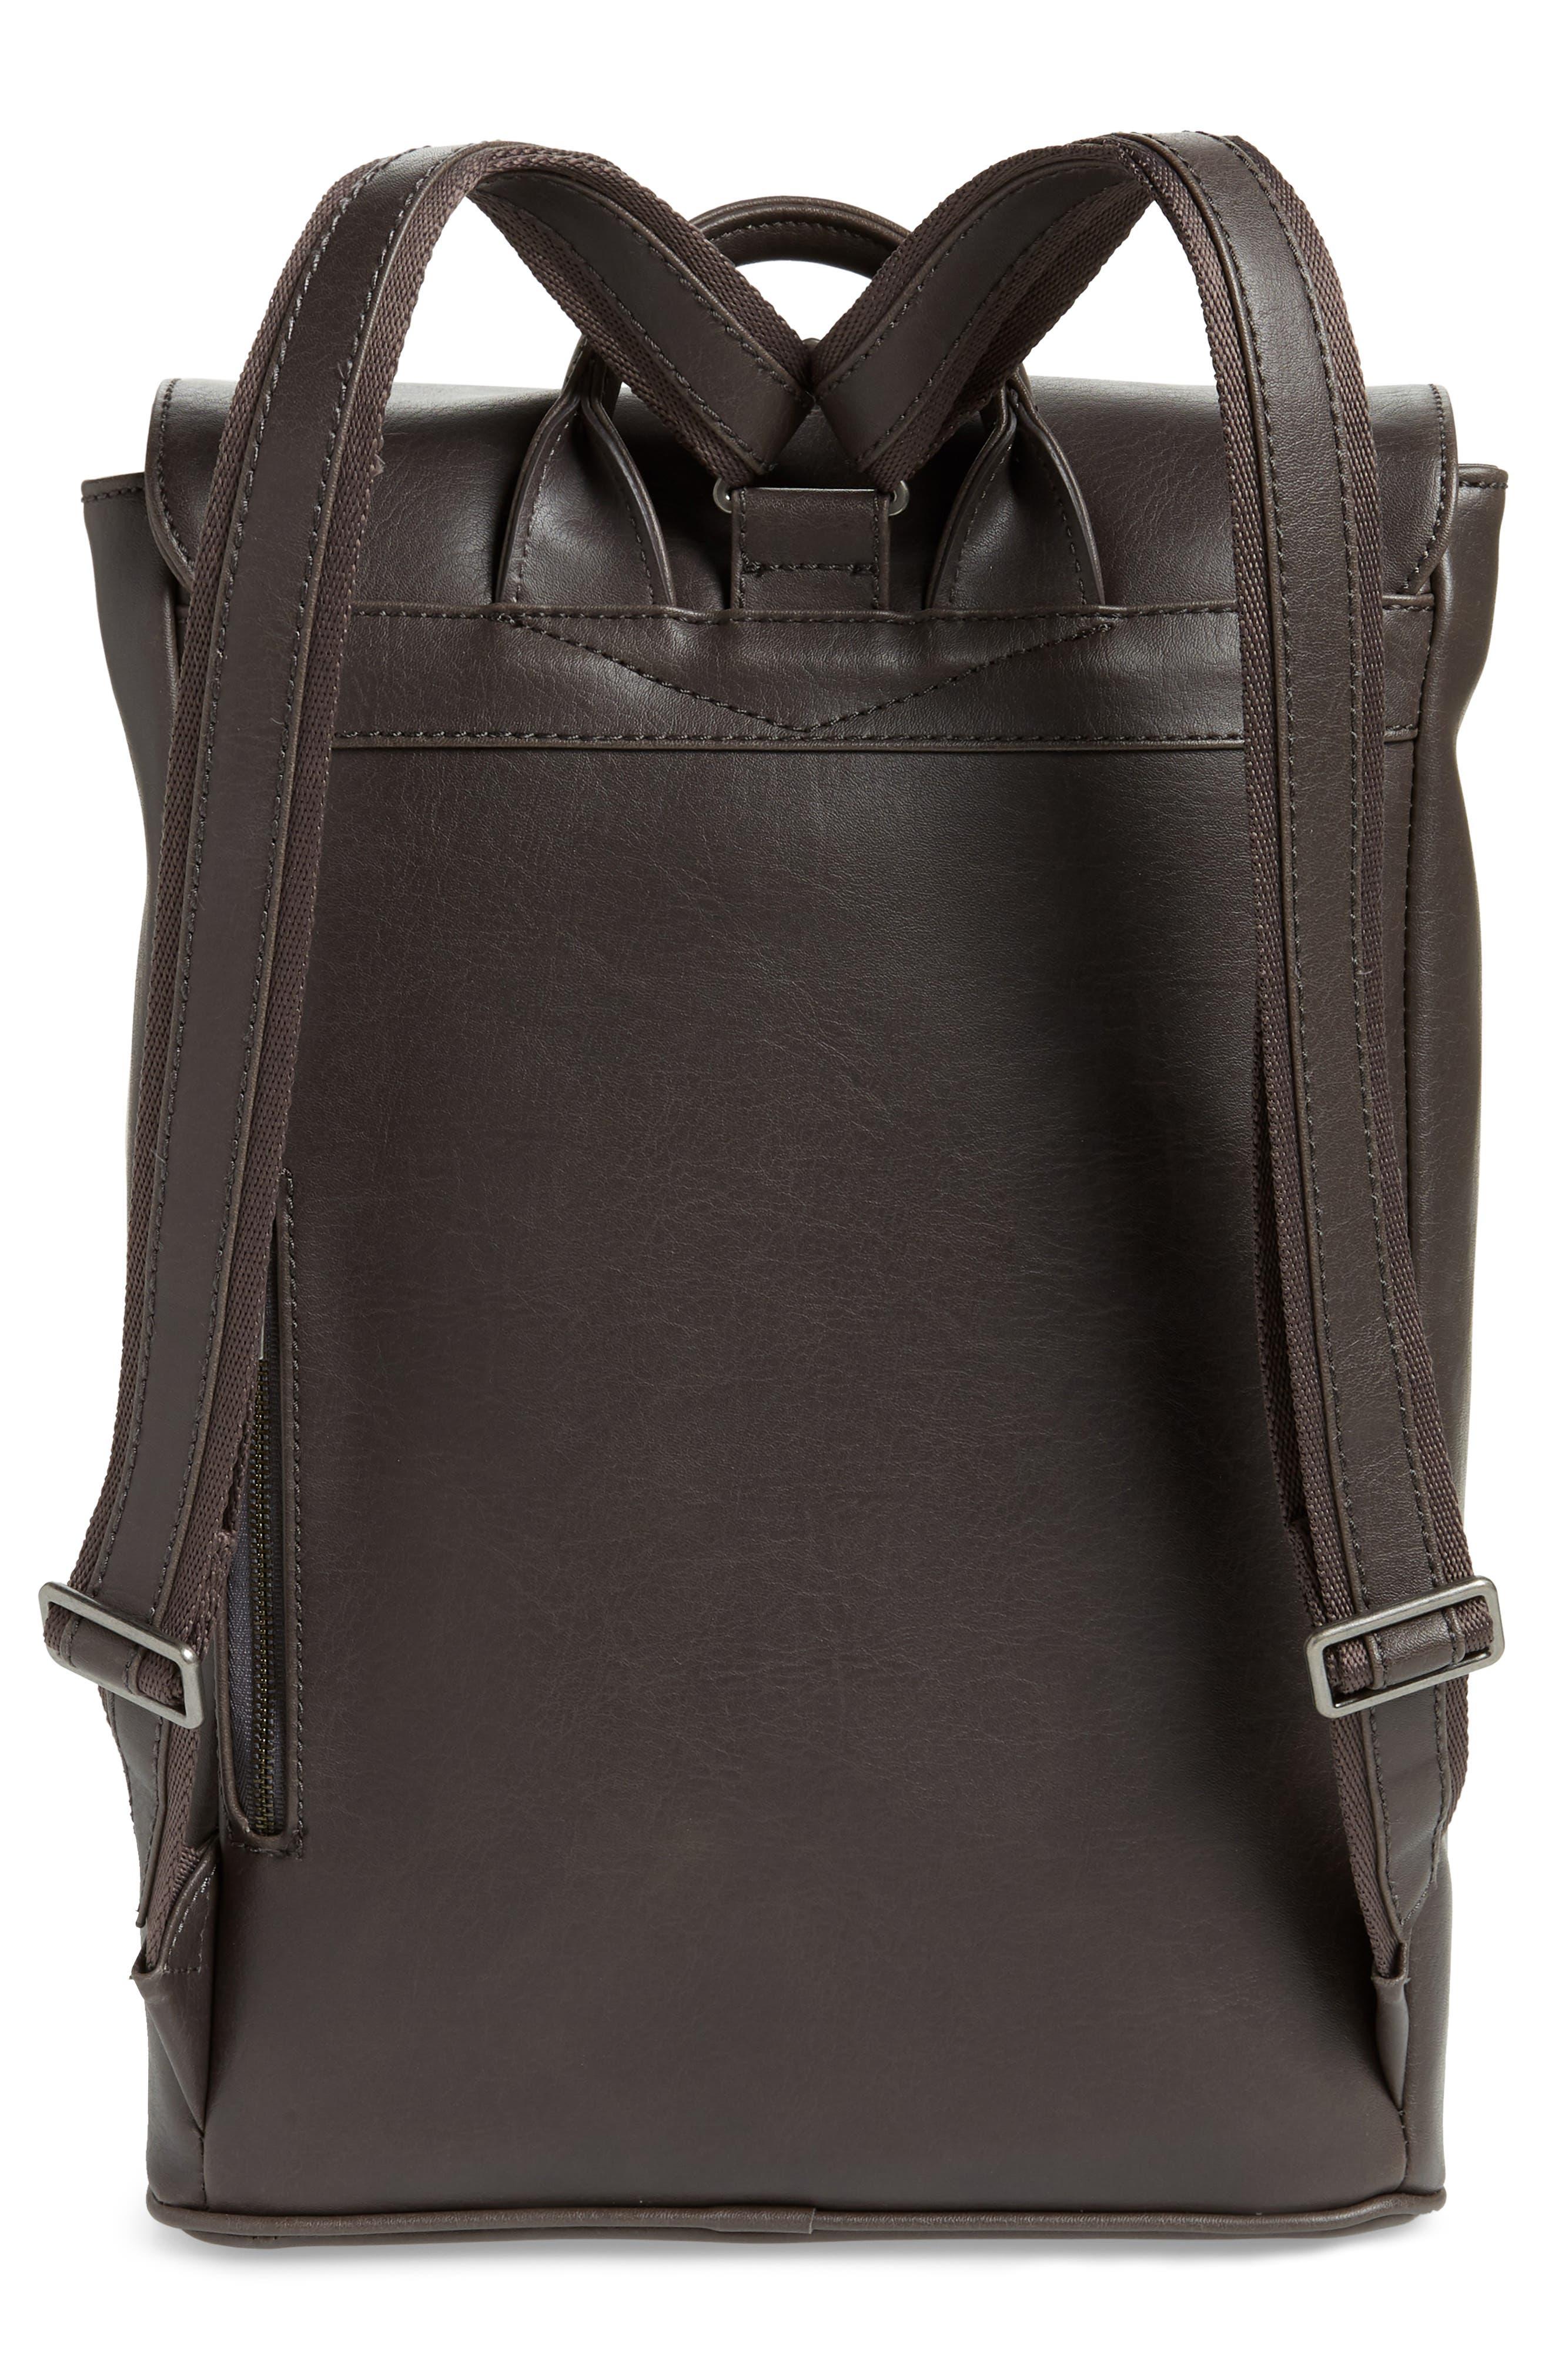 MATT & NAT,                             'Fabi' Faux Leather Laptop Backpack,                             Alternate thumbnail 3, color,                             NO_COLOR